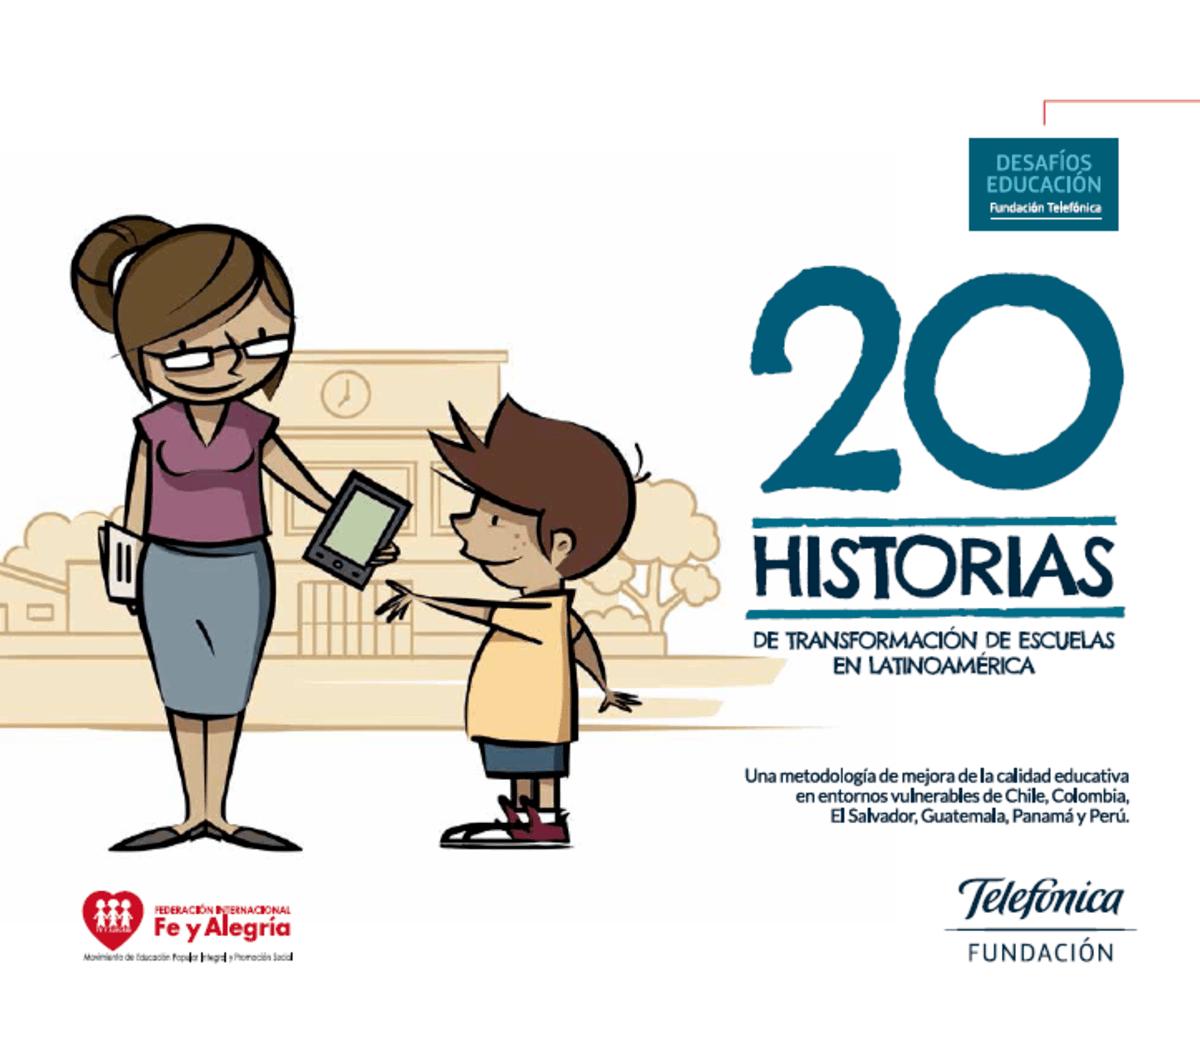 20 Historias de Transformación de Escuelas Latinoamericanas.